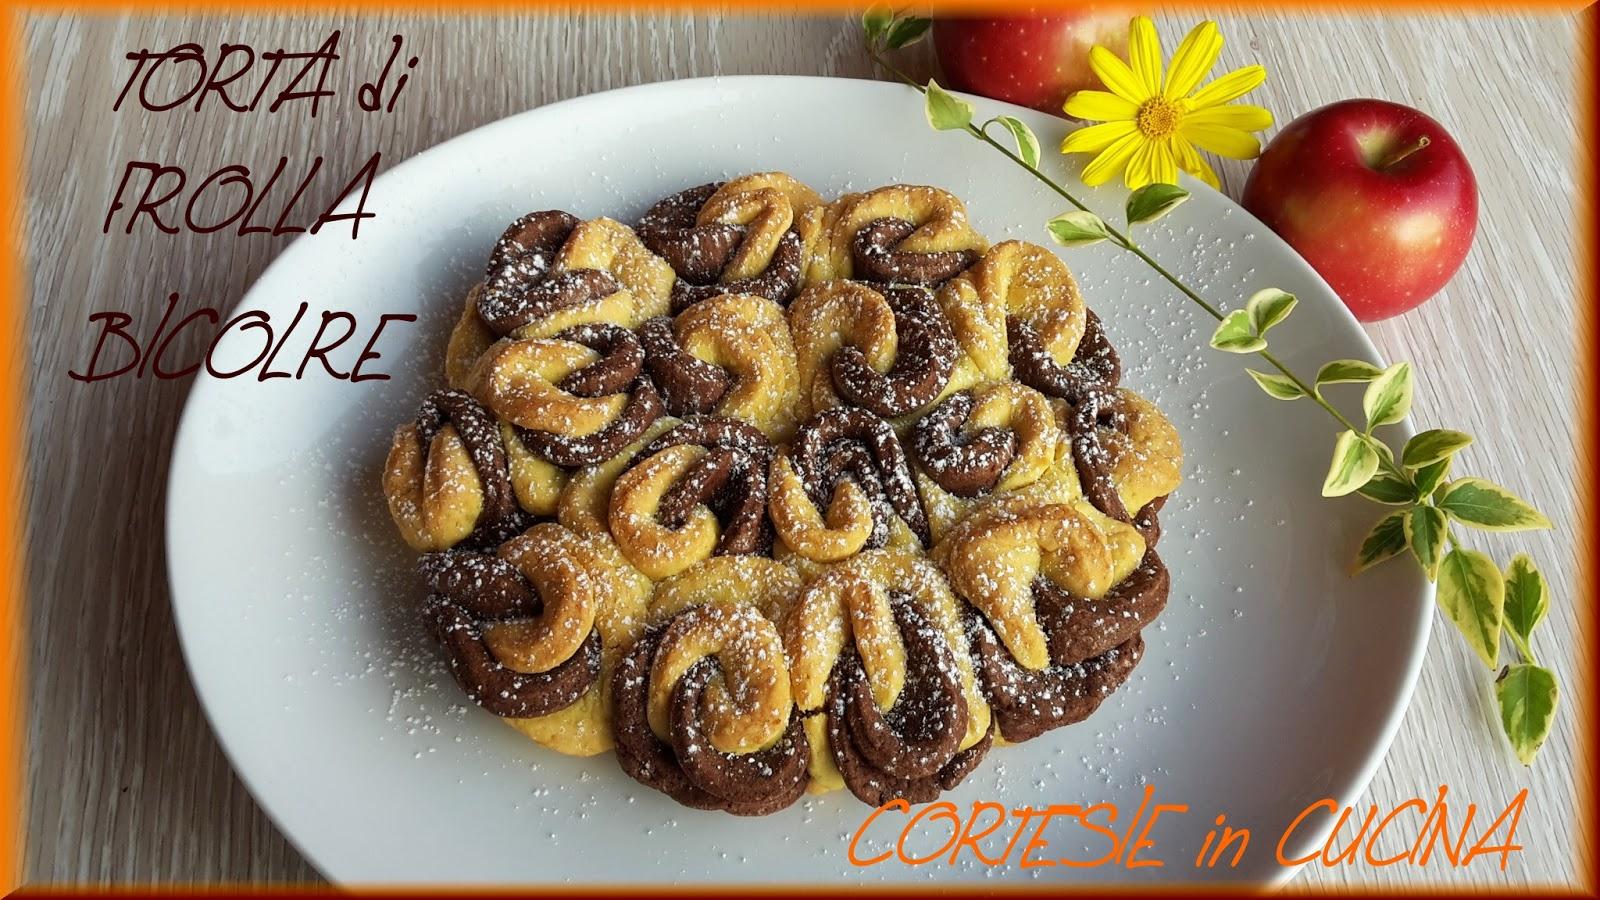 Torte Da Credenza Ricette : Cortesie in cucina: torta di frolla con intrecci bicolore